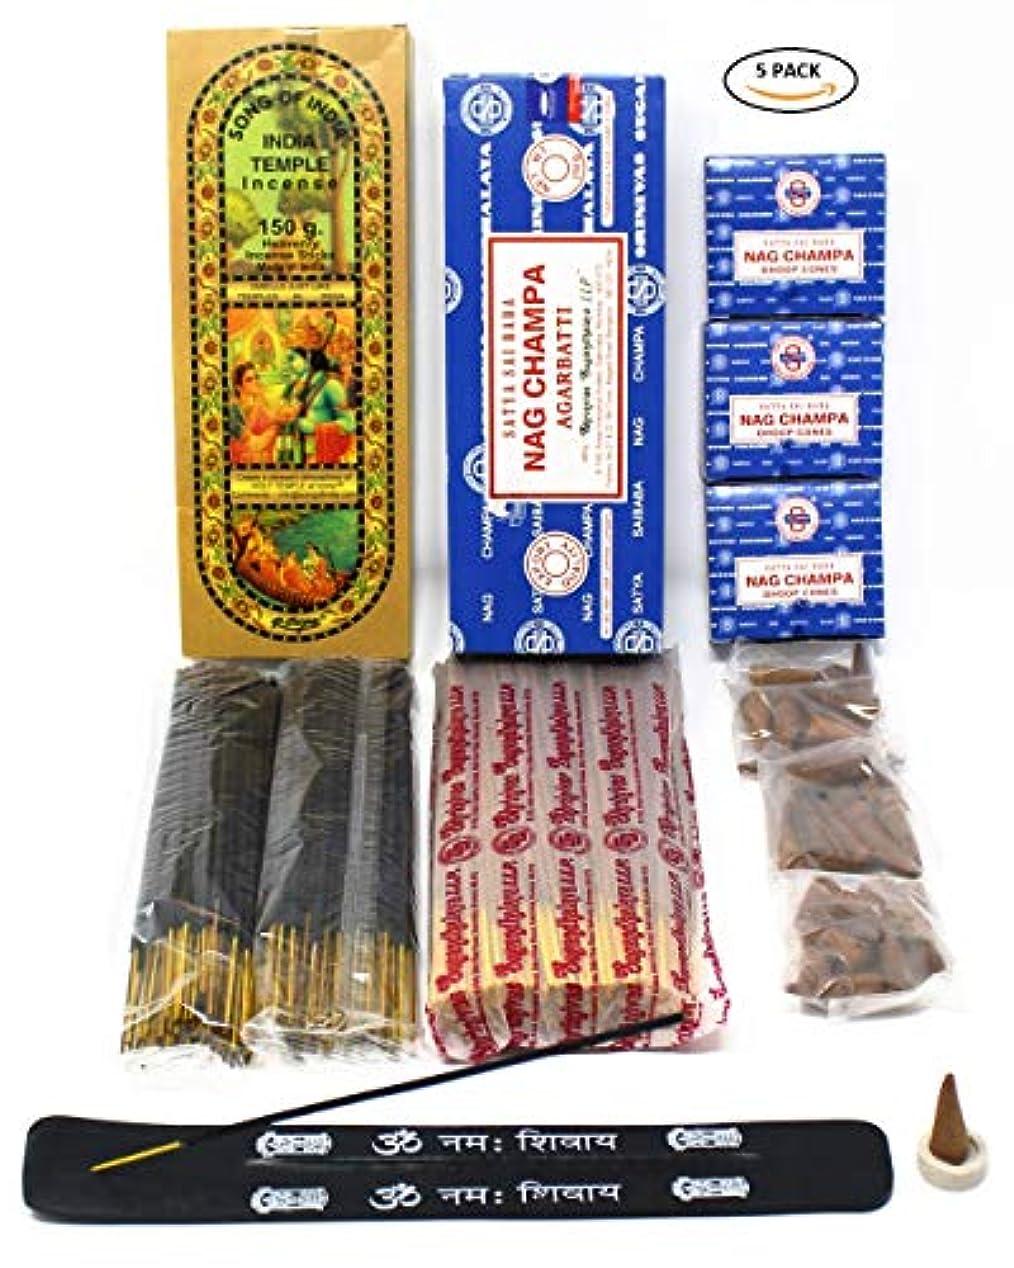 未払い人ものSatya Sai Nag Champa 250gm インド寺院120gm コーン3個 香炉1個